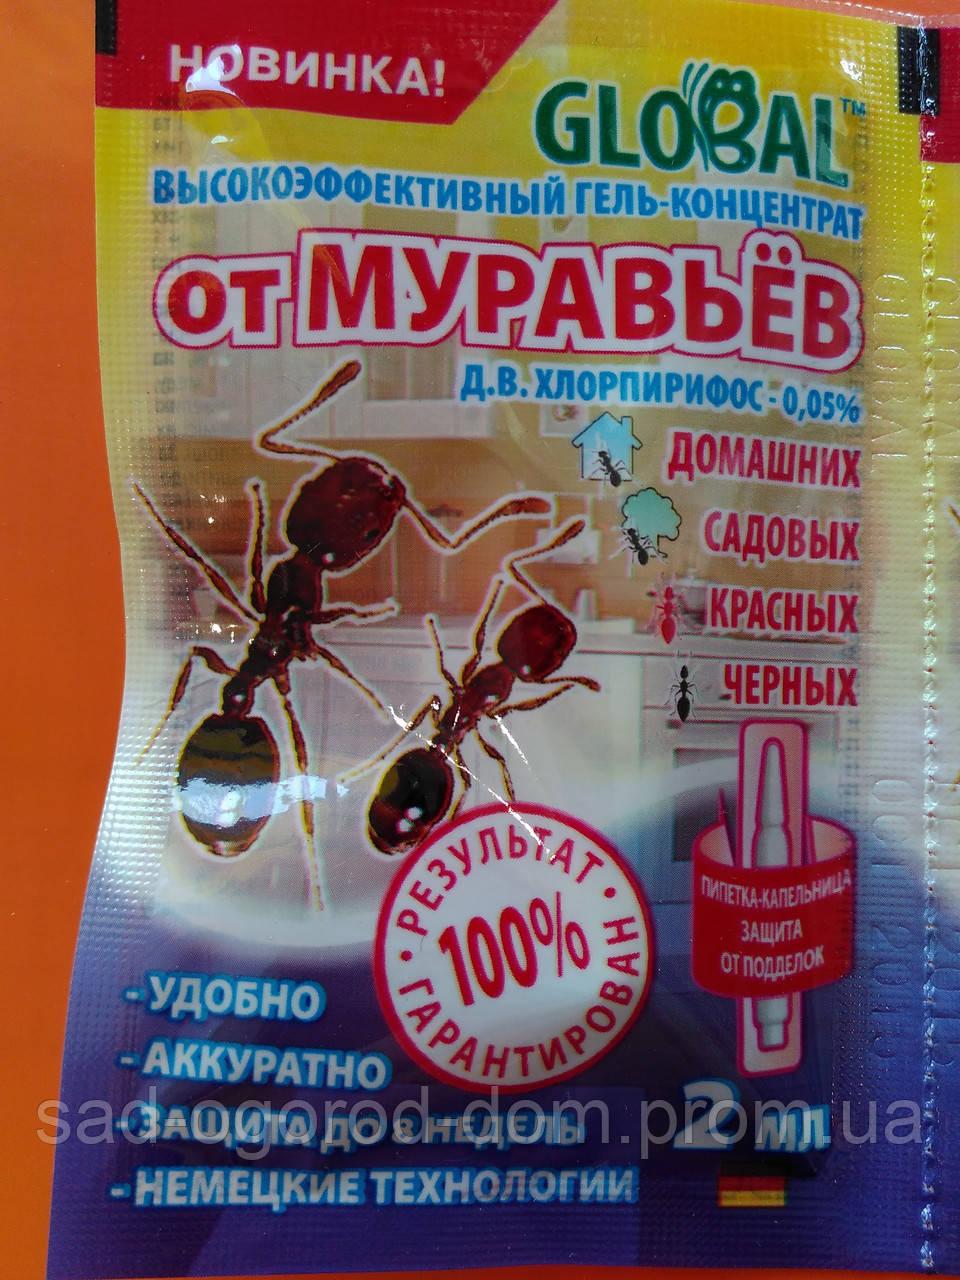 Гель концентрат Global от  муравьев домашних, садовых 2мл